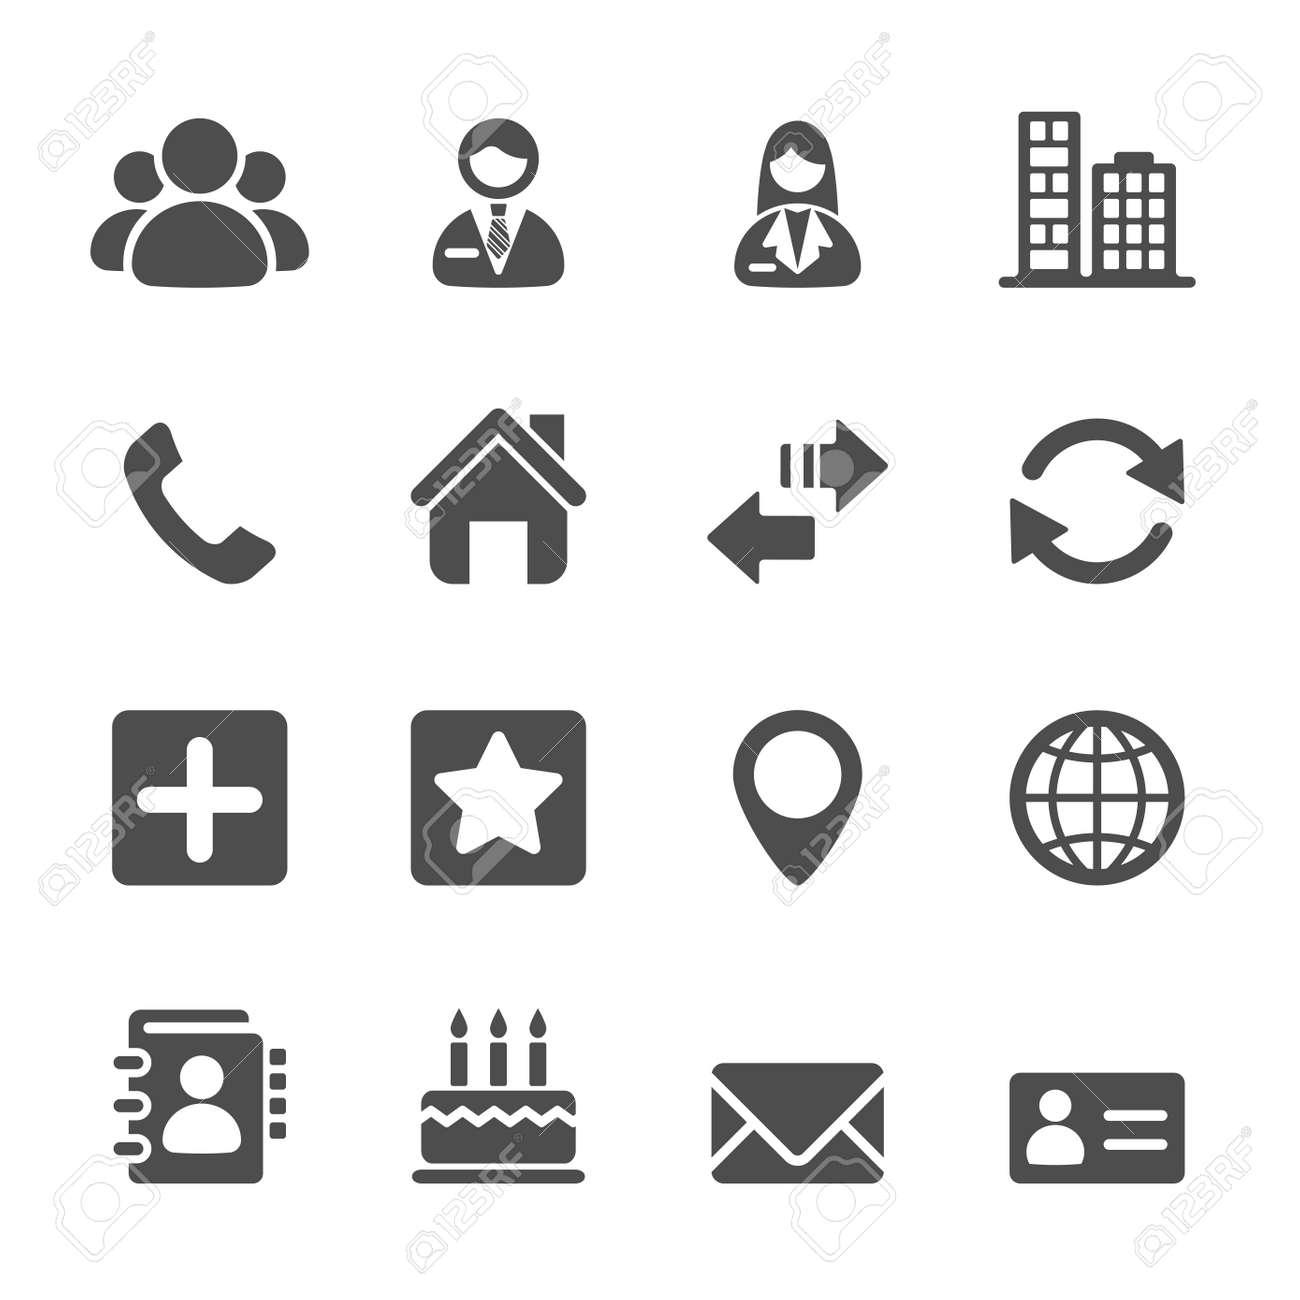 contact icon set, vector eps10. - 42760937